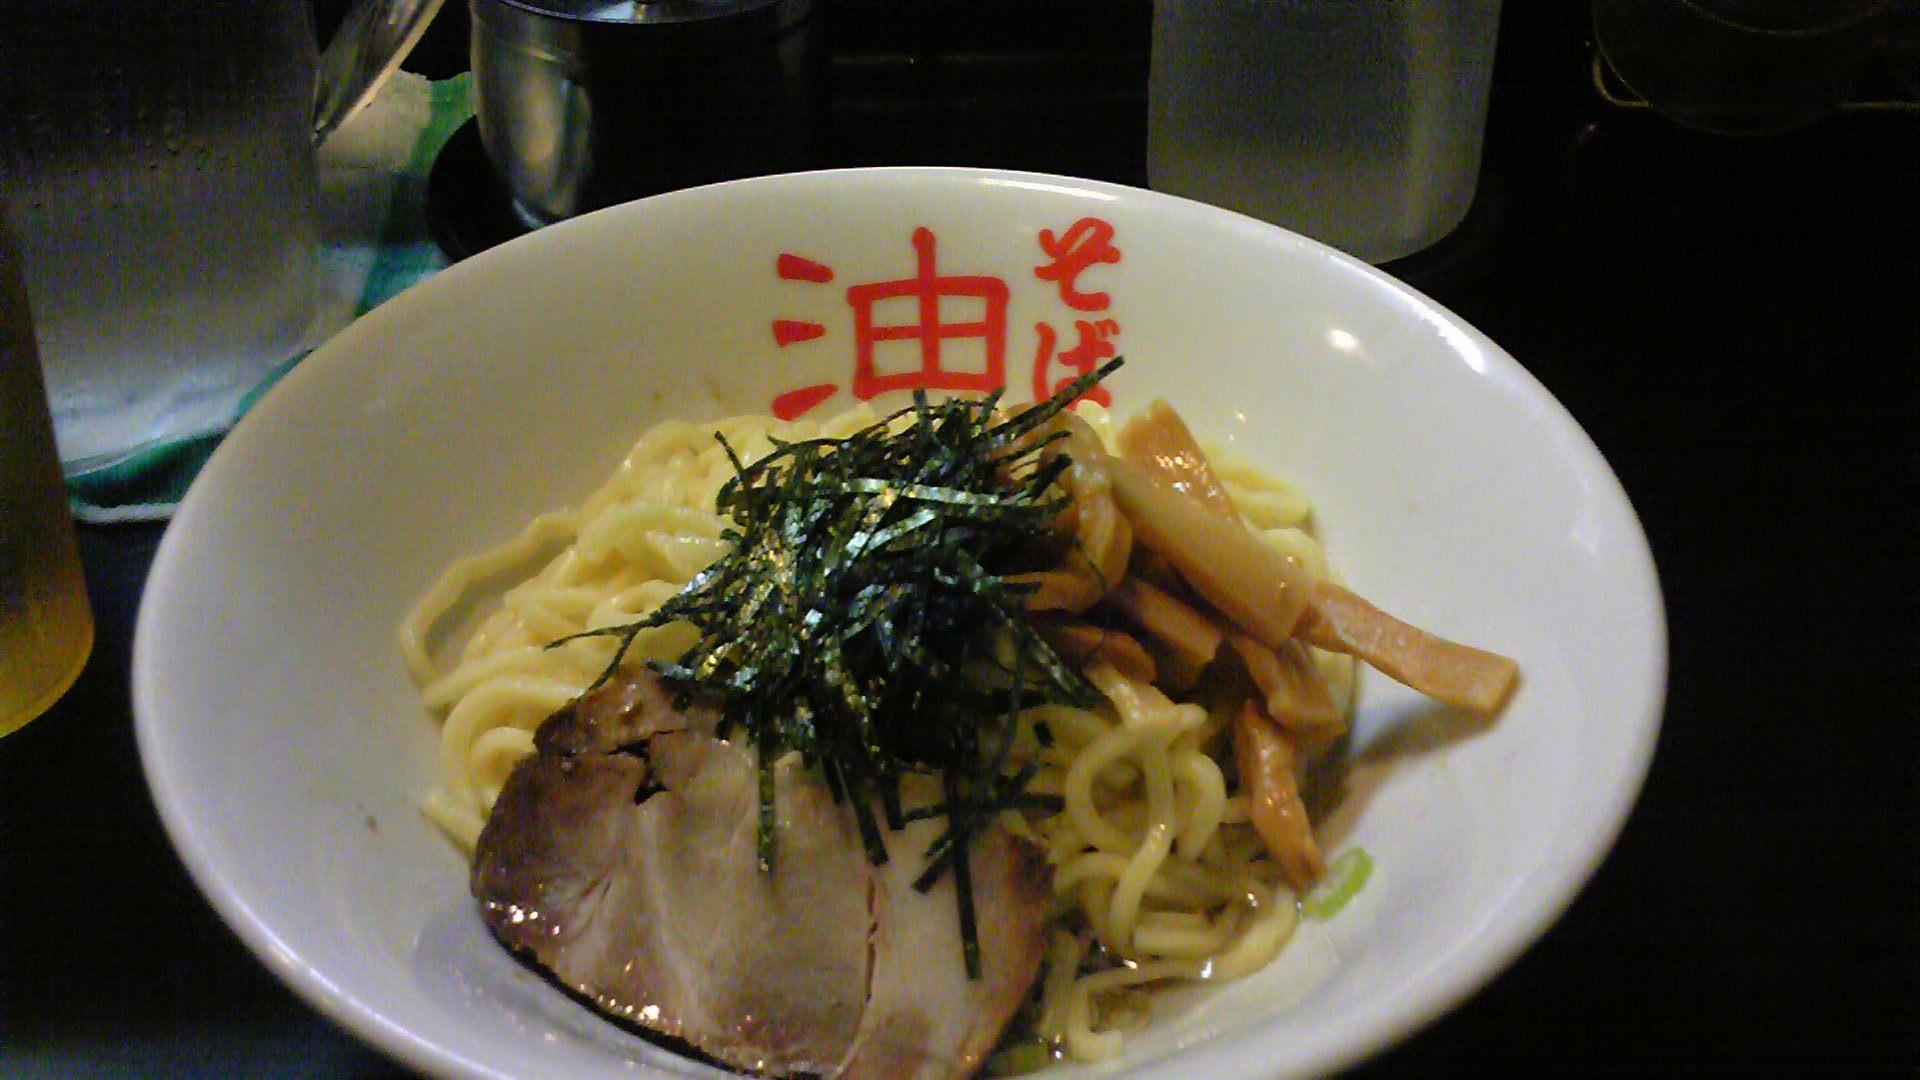 www.savian.jp/asset/img_3.jpg